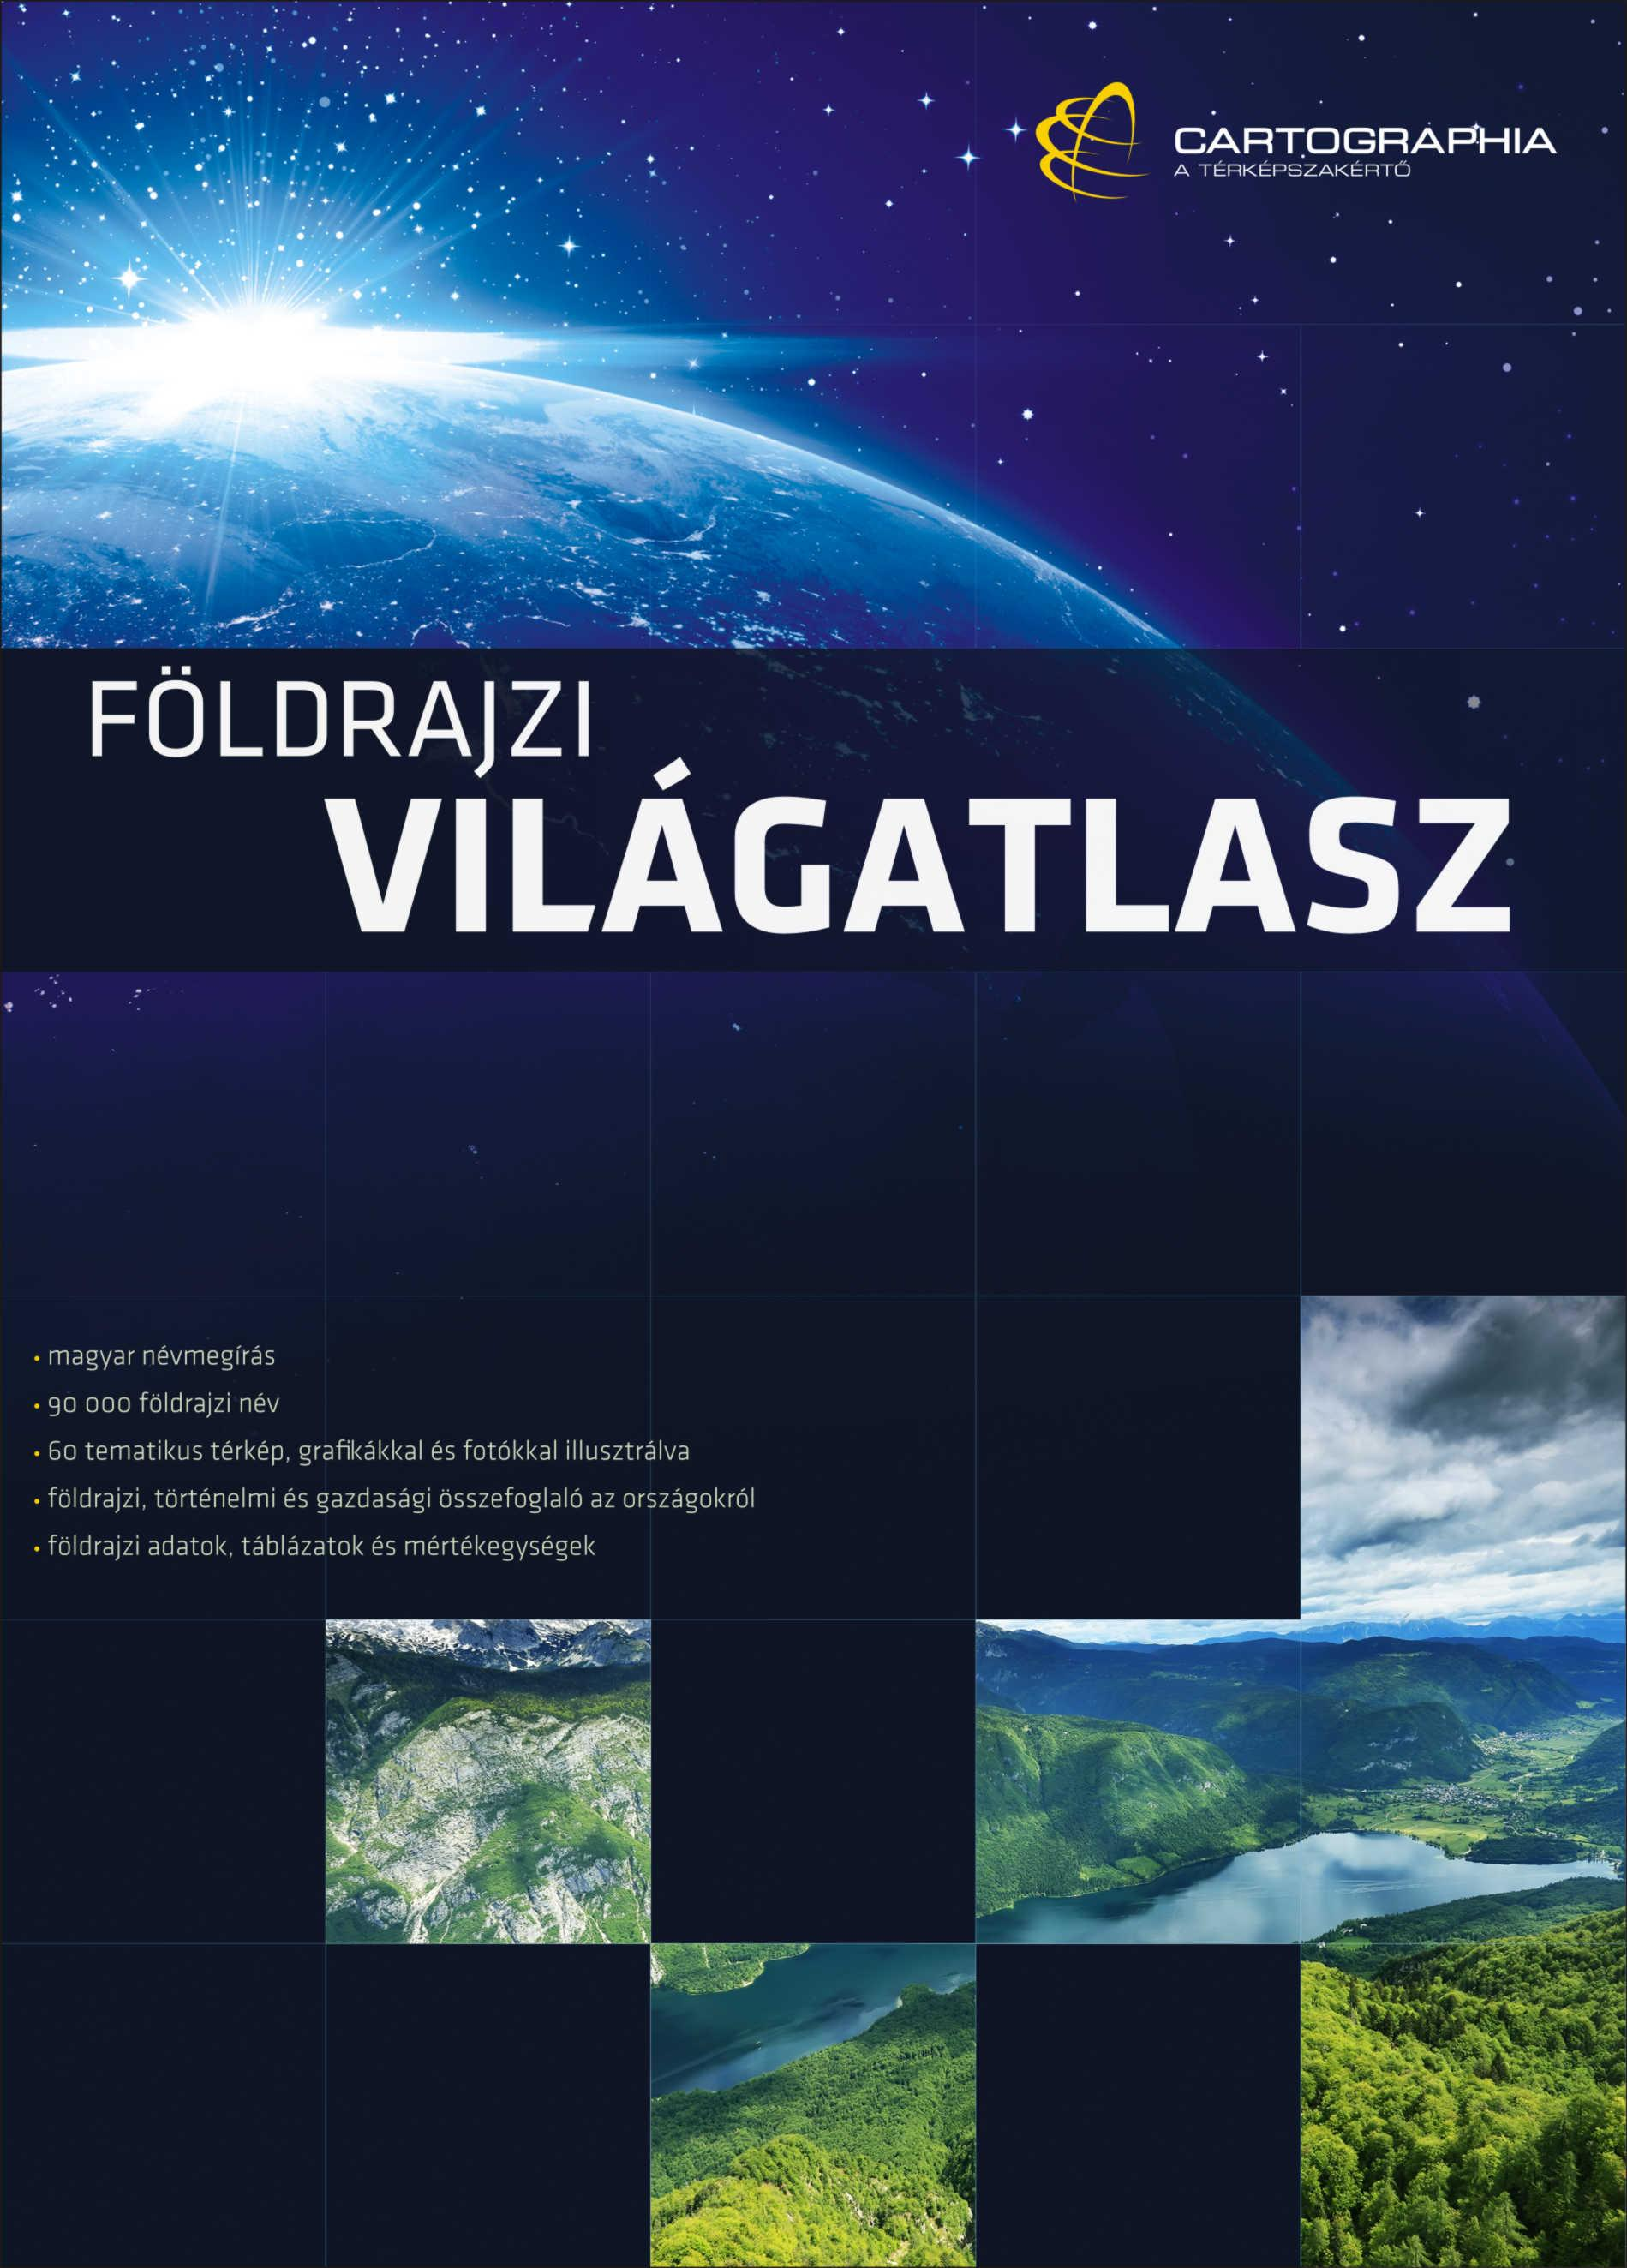 FÖLDRAJZI VILÁGATLASZ (2016)